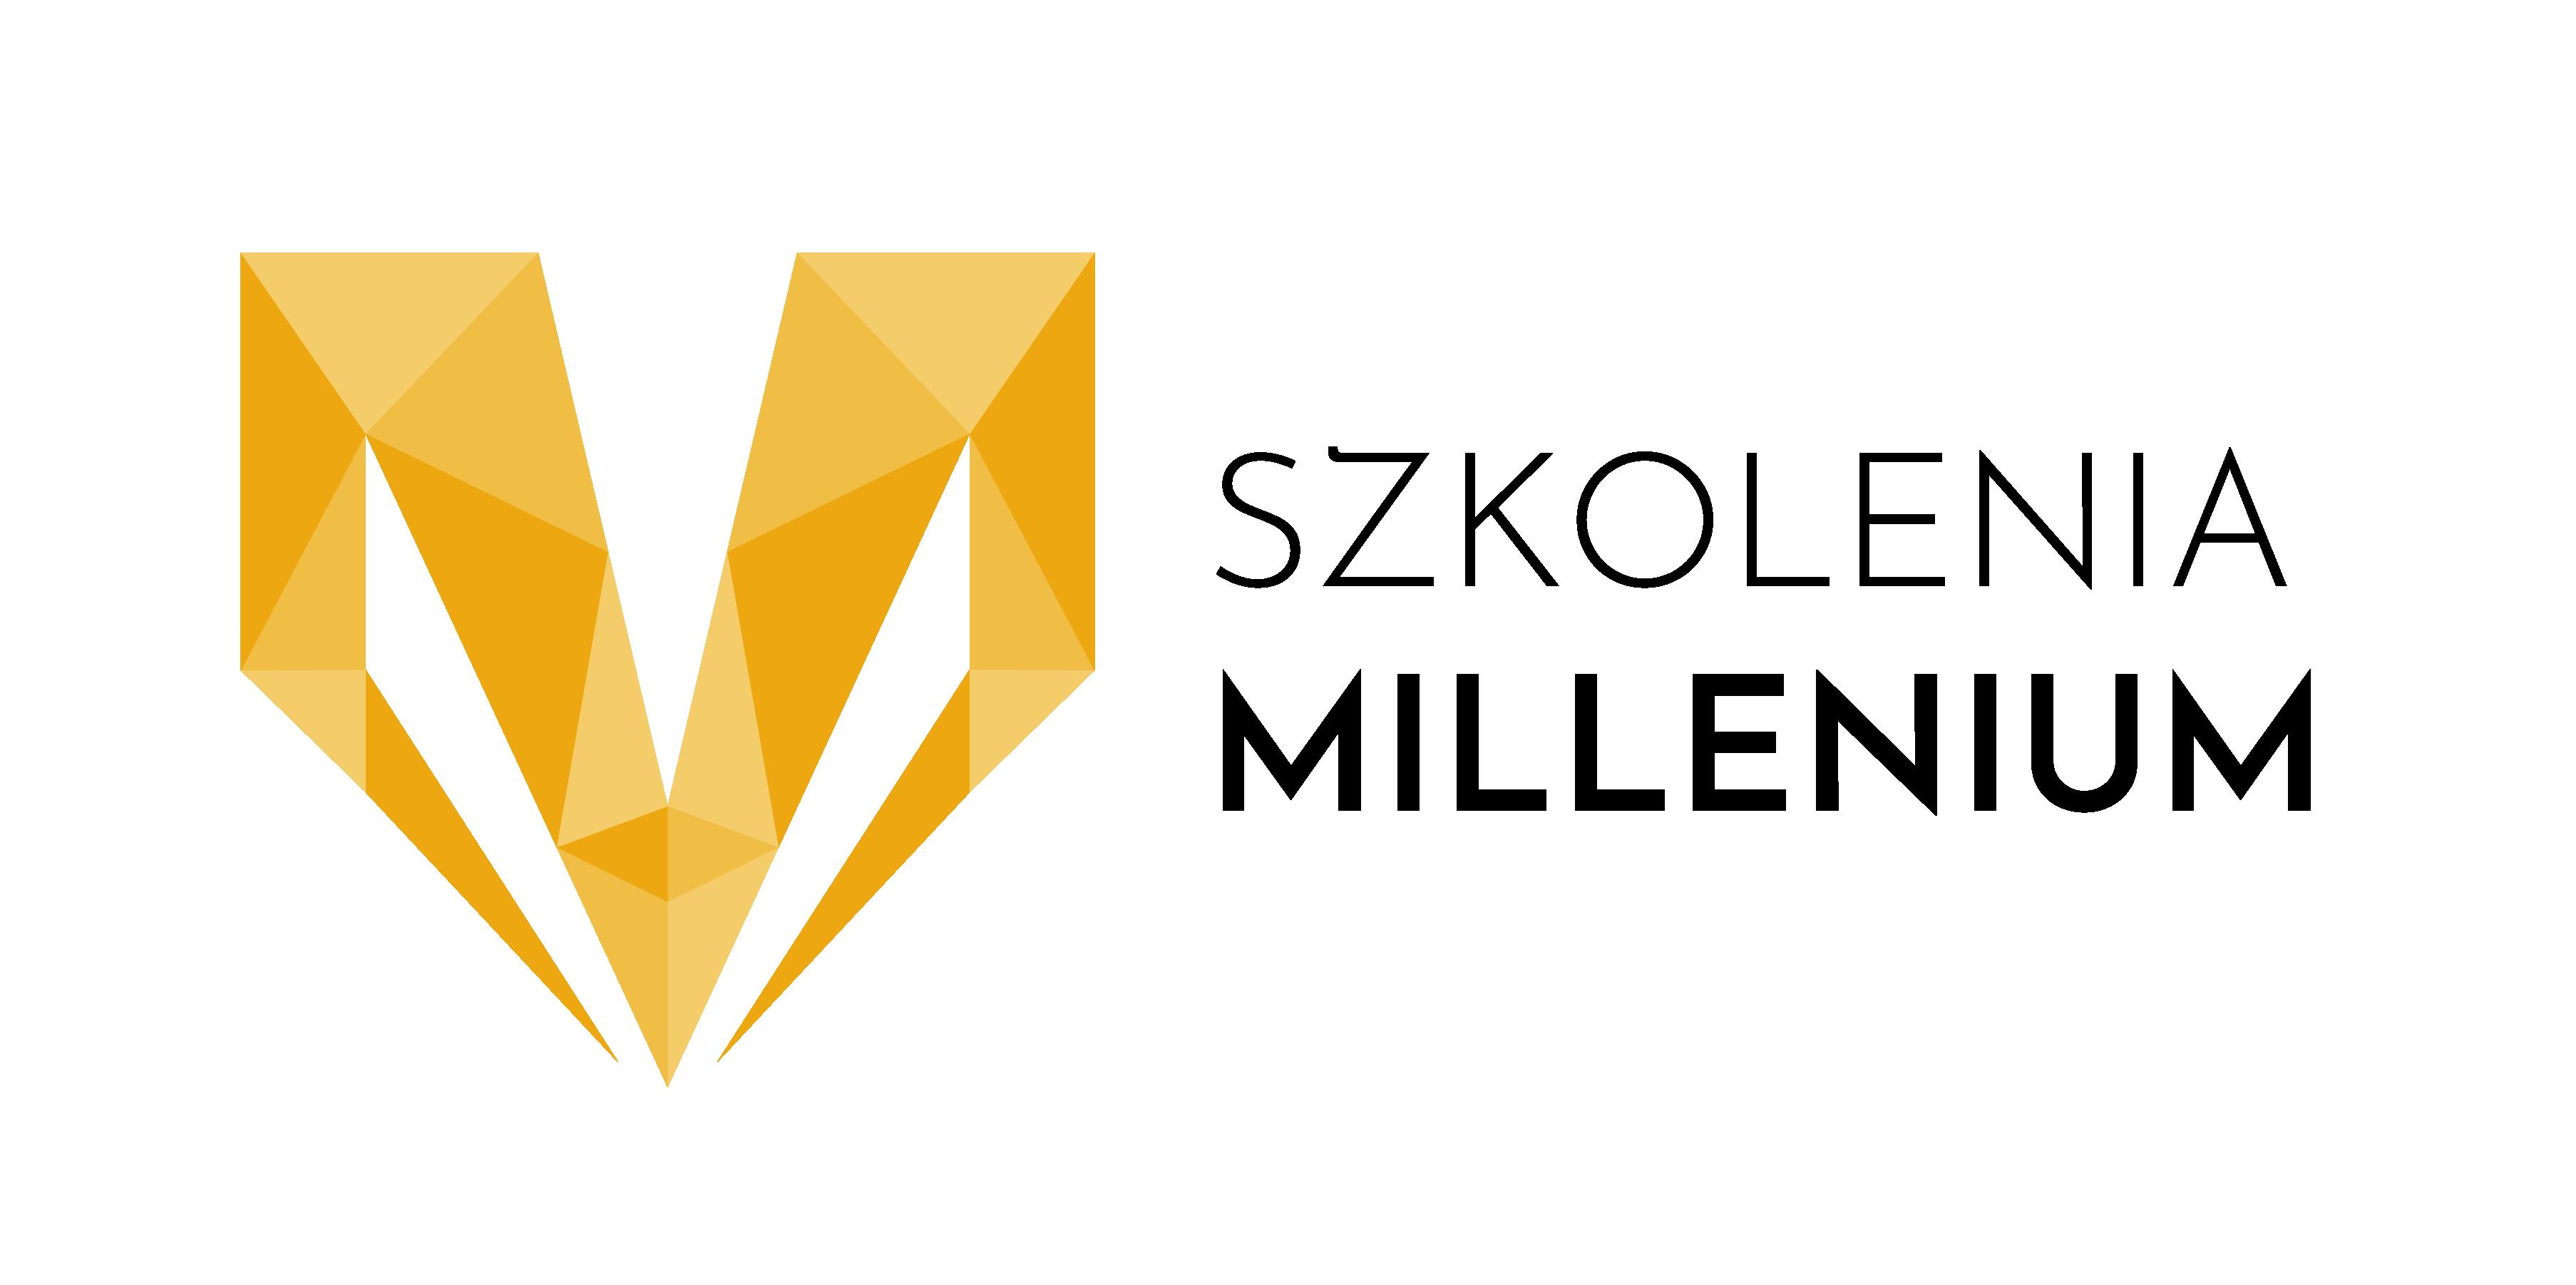 """Logo Ośrodek Szkolenia """"Millenium"""" - Niepubliczna Placówka Kształcenia Ustawicznego"""